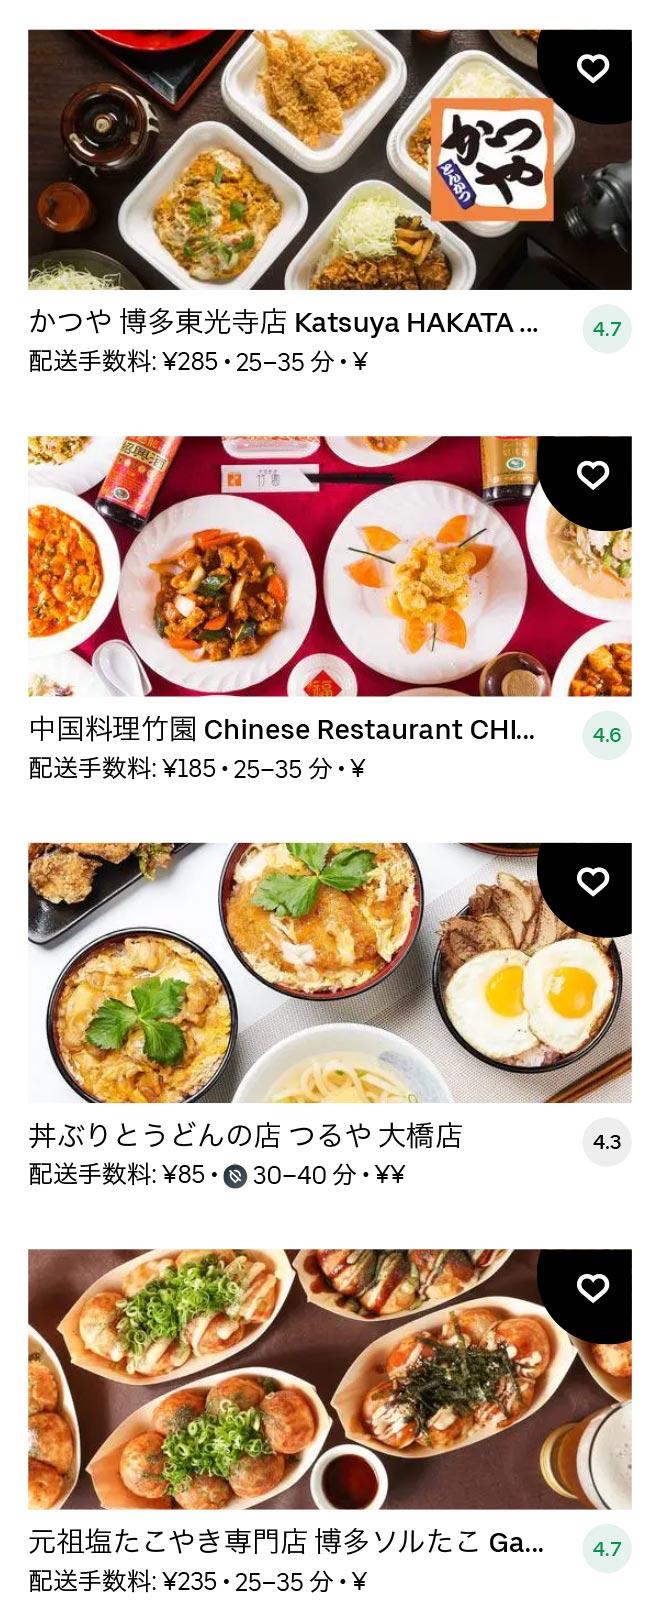 Oohashi menu 2101 07